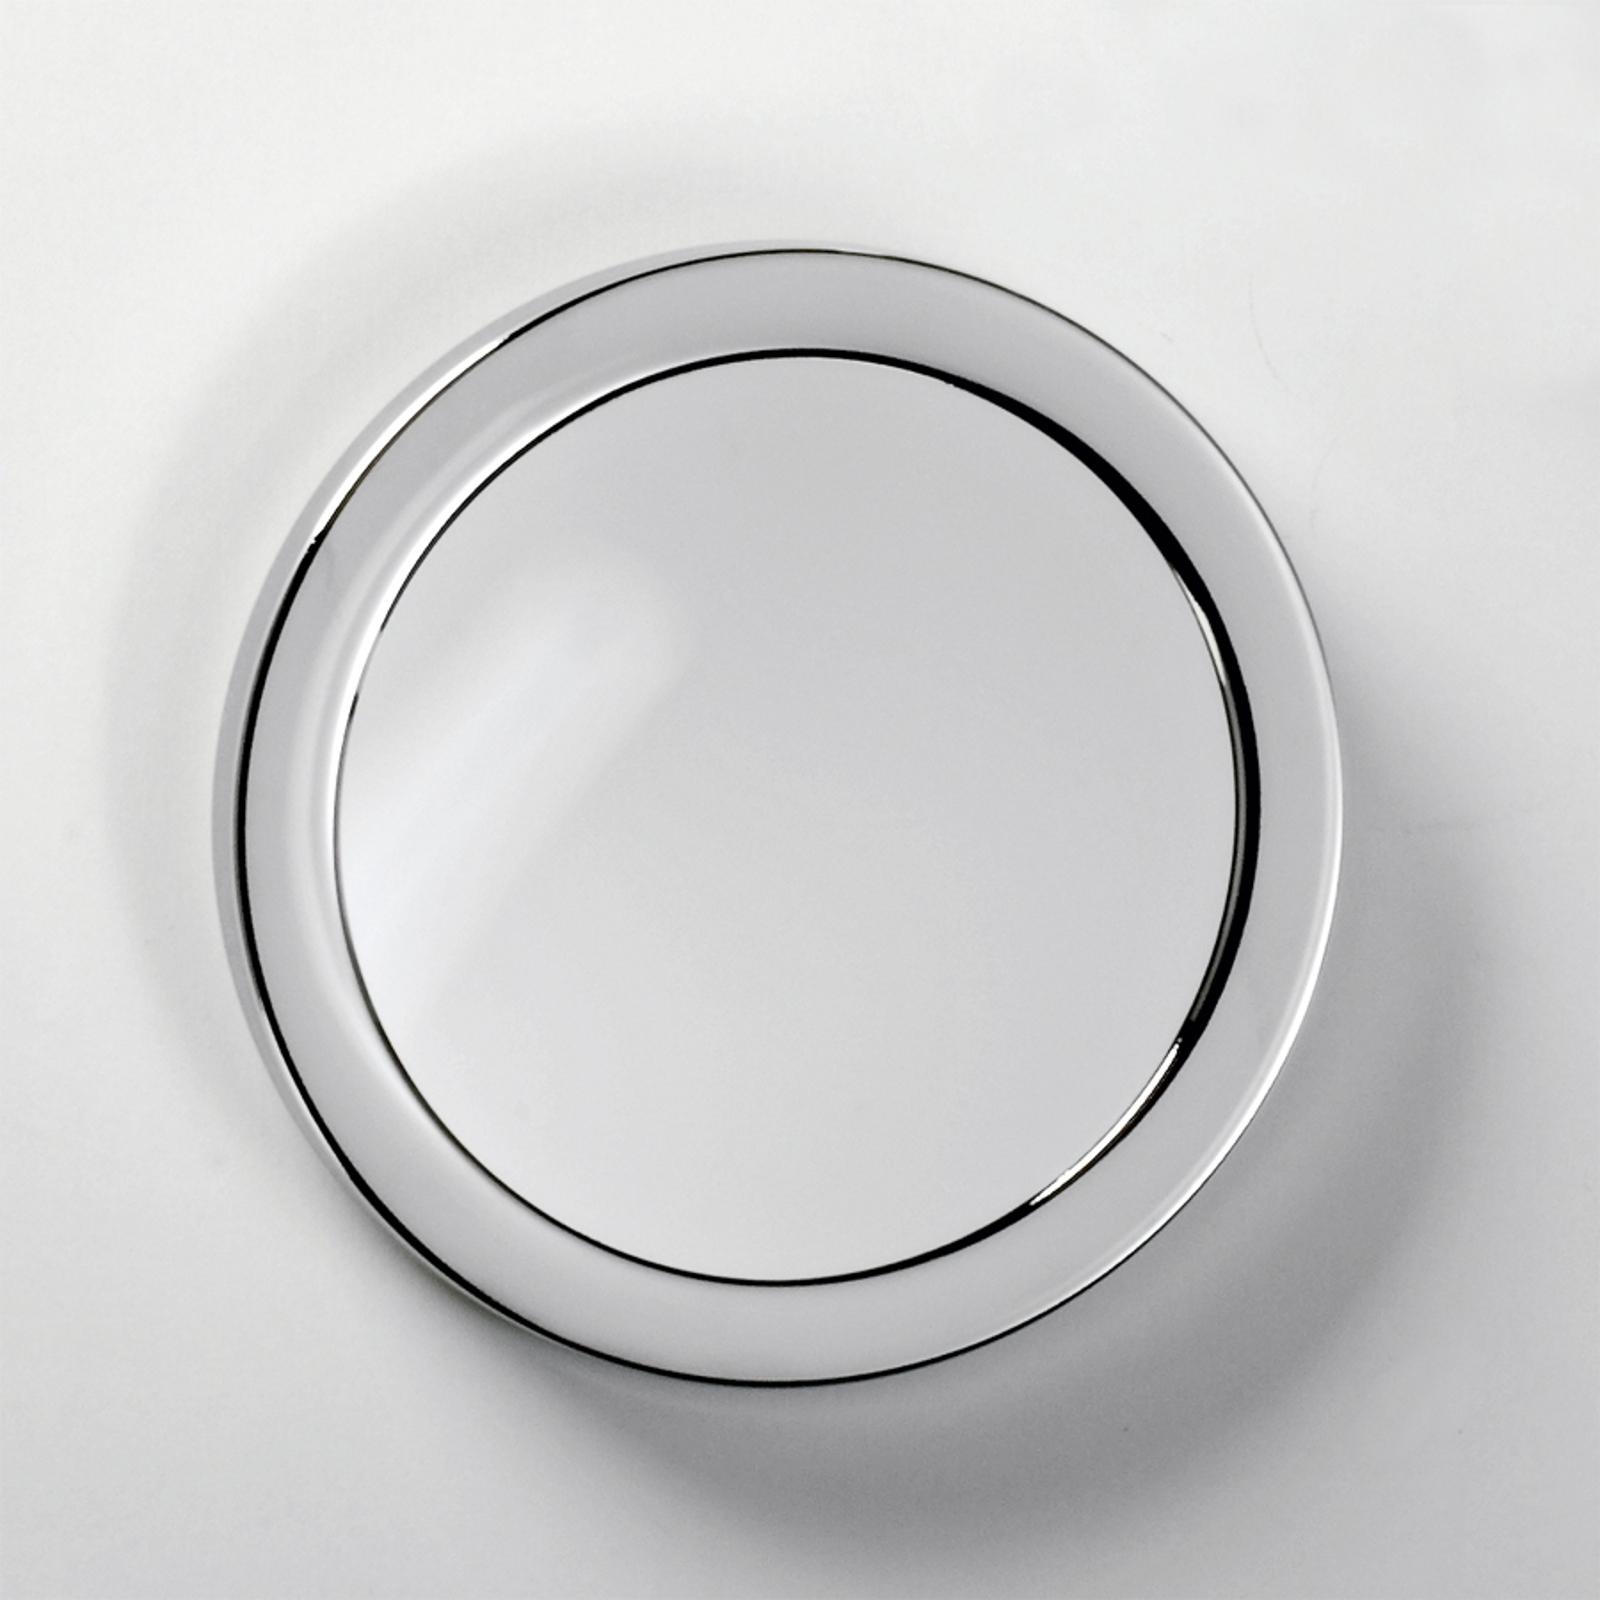 Decor Walther Globe 1 Kosmetikspiegel